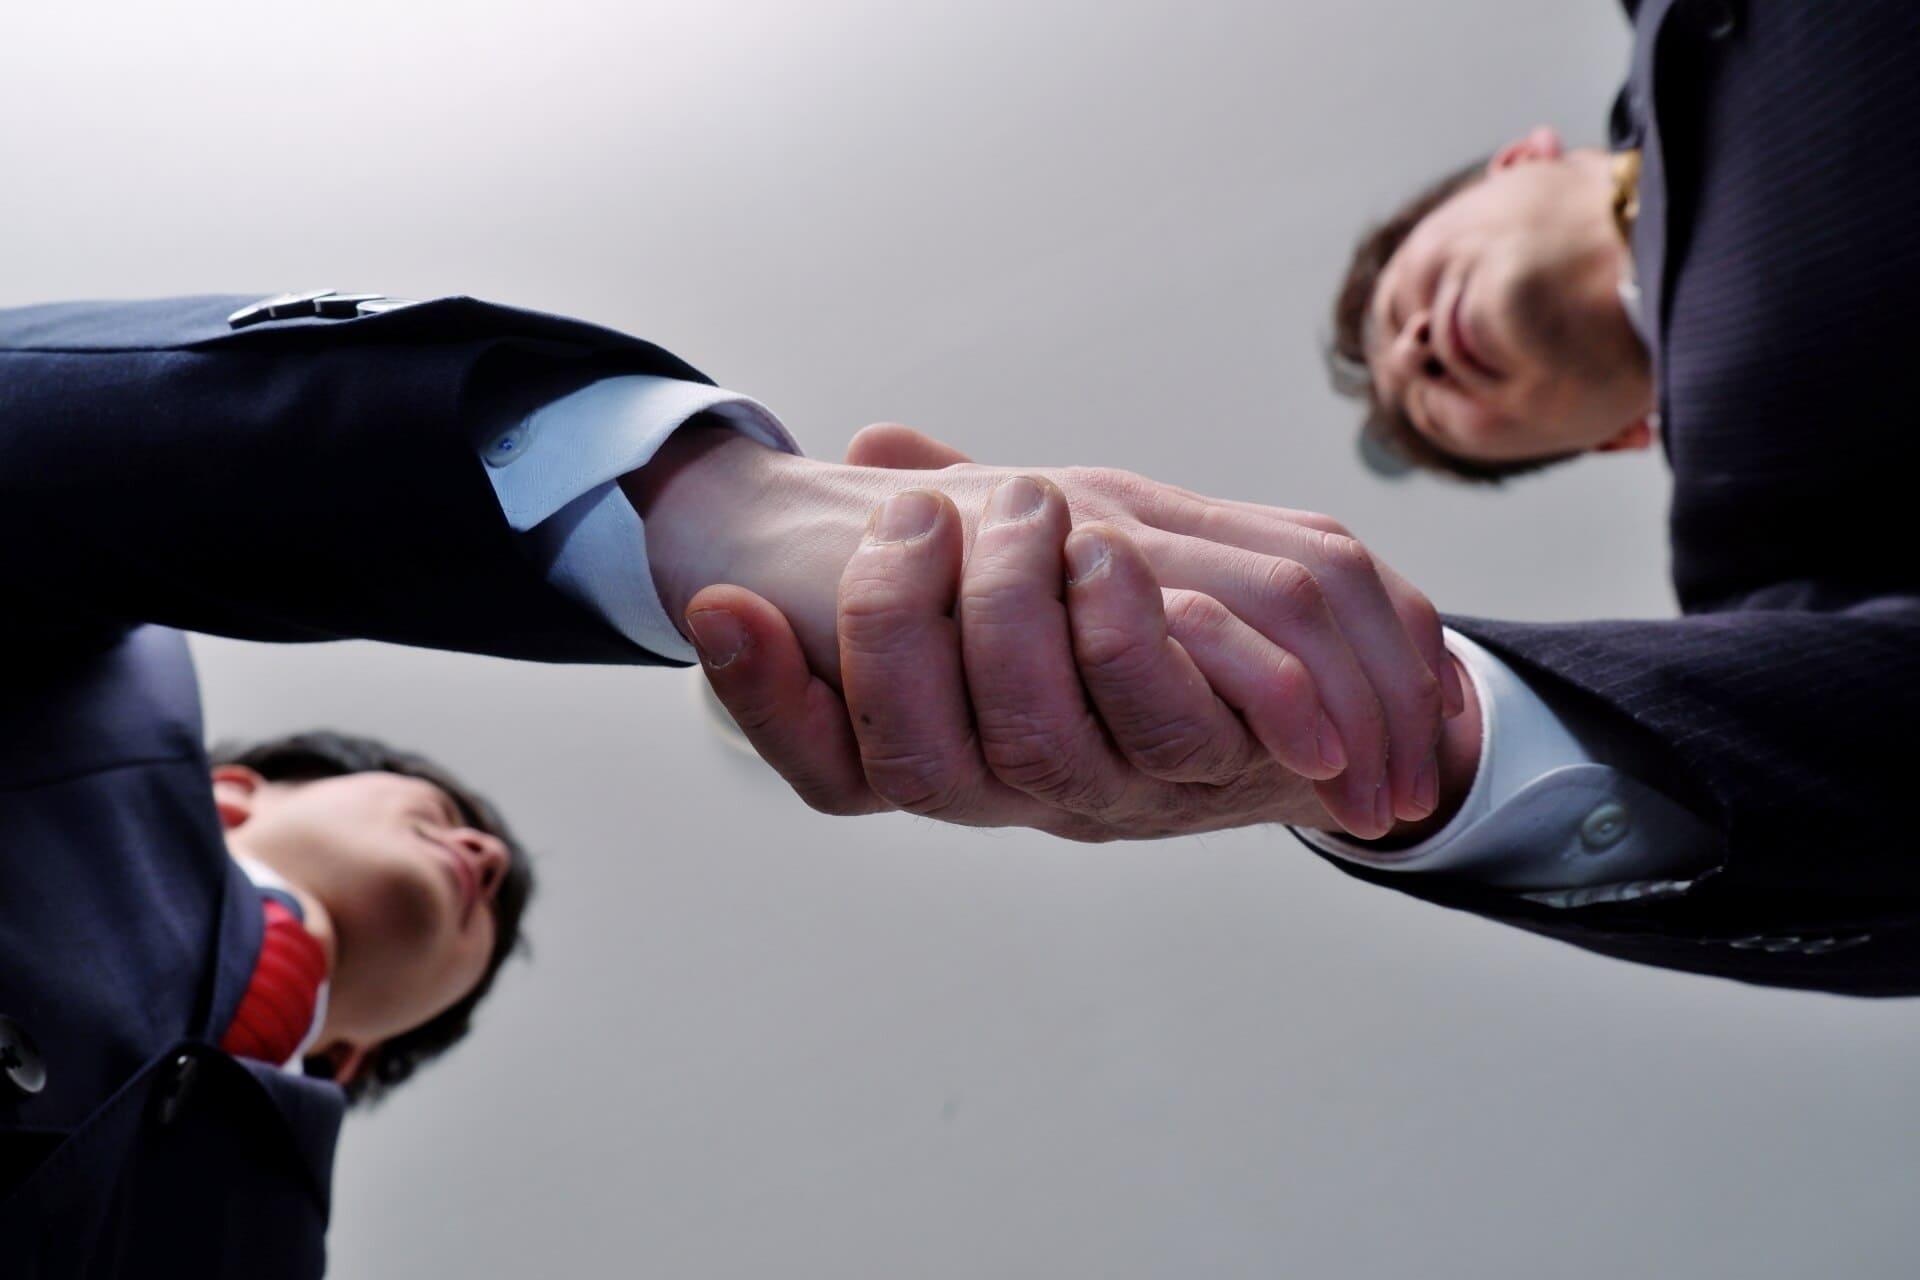 事業承継M&Aの基礎知識とメリット・デメリット、ポイントについて解説!